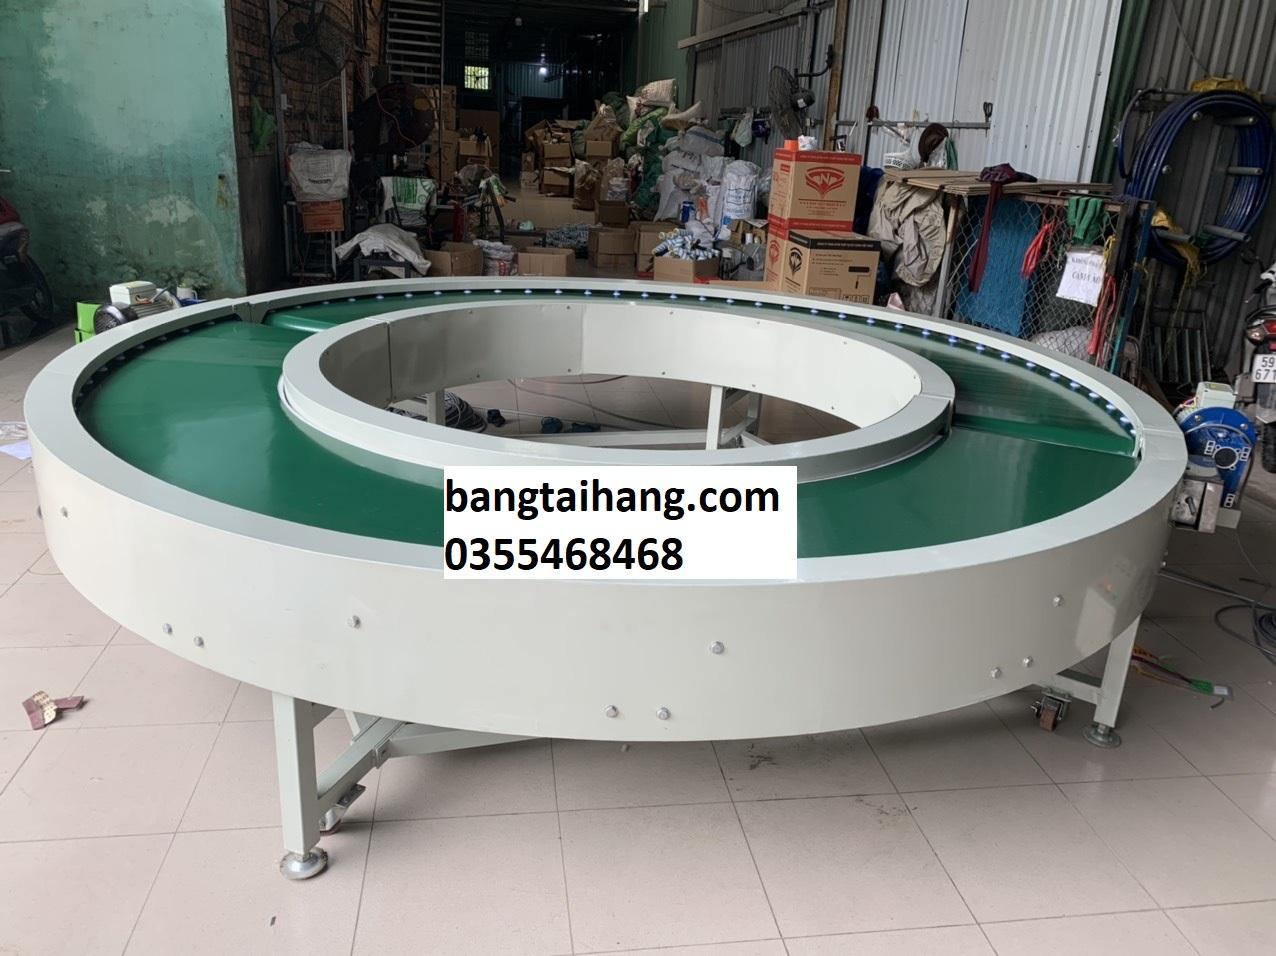 Ứng dụng của băng tải góc cong 180 độ trong sản xuất công nghiệp